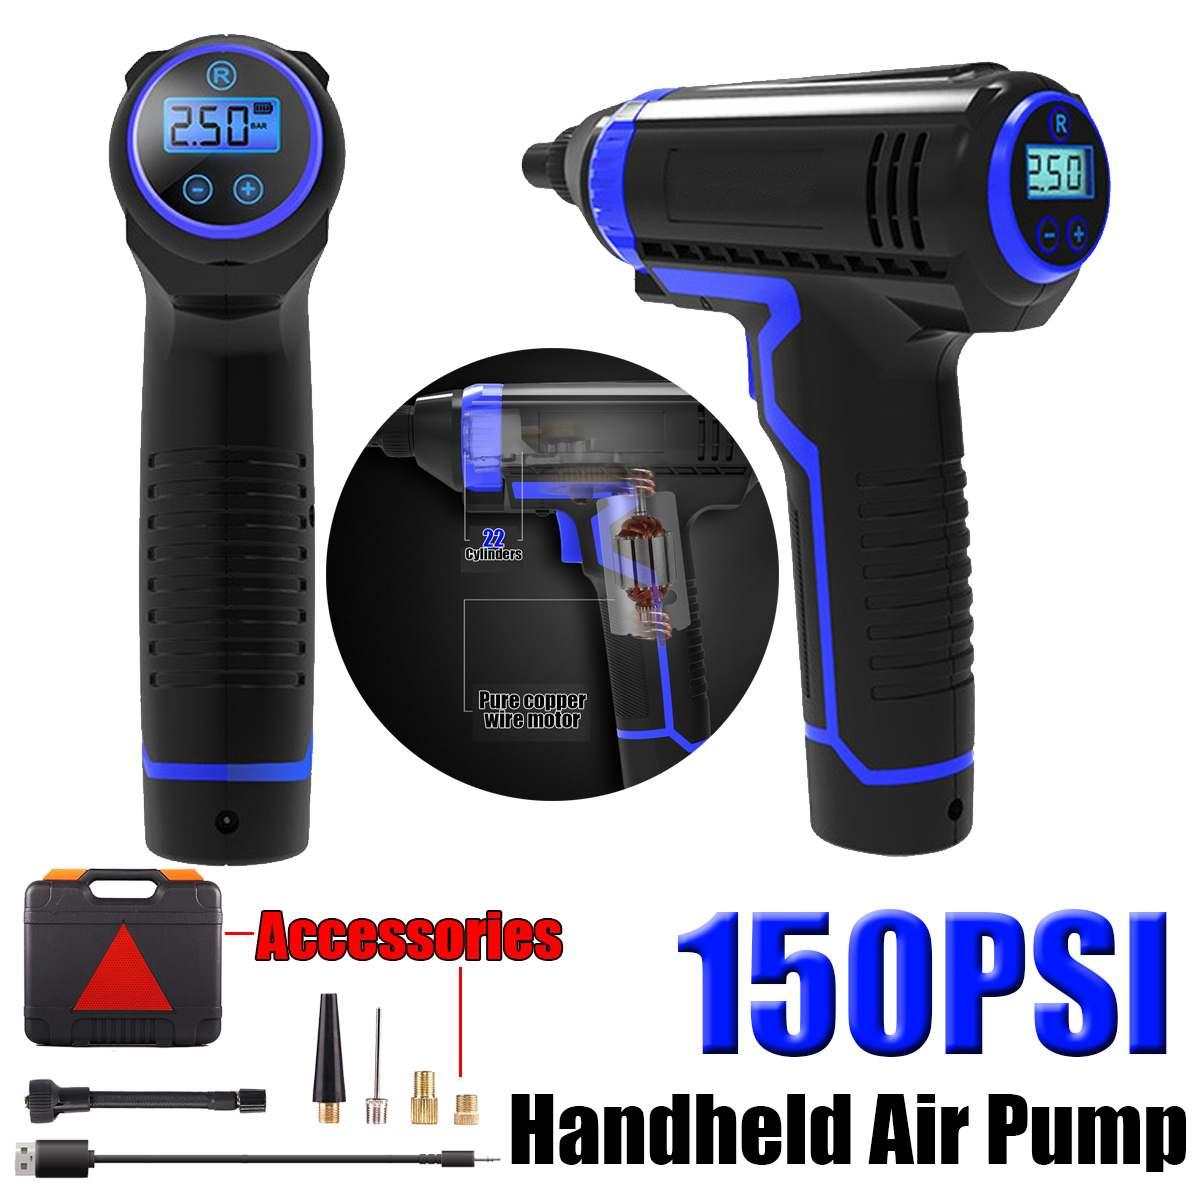 12v protable compressor de ar do carro sem fio handheld novo pneu inflator carregamento usb bomba inflator ar elétrico para motocicletas carros